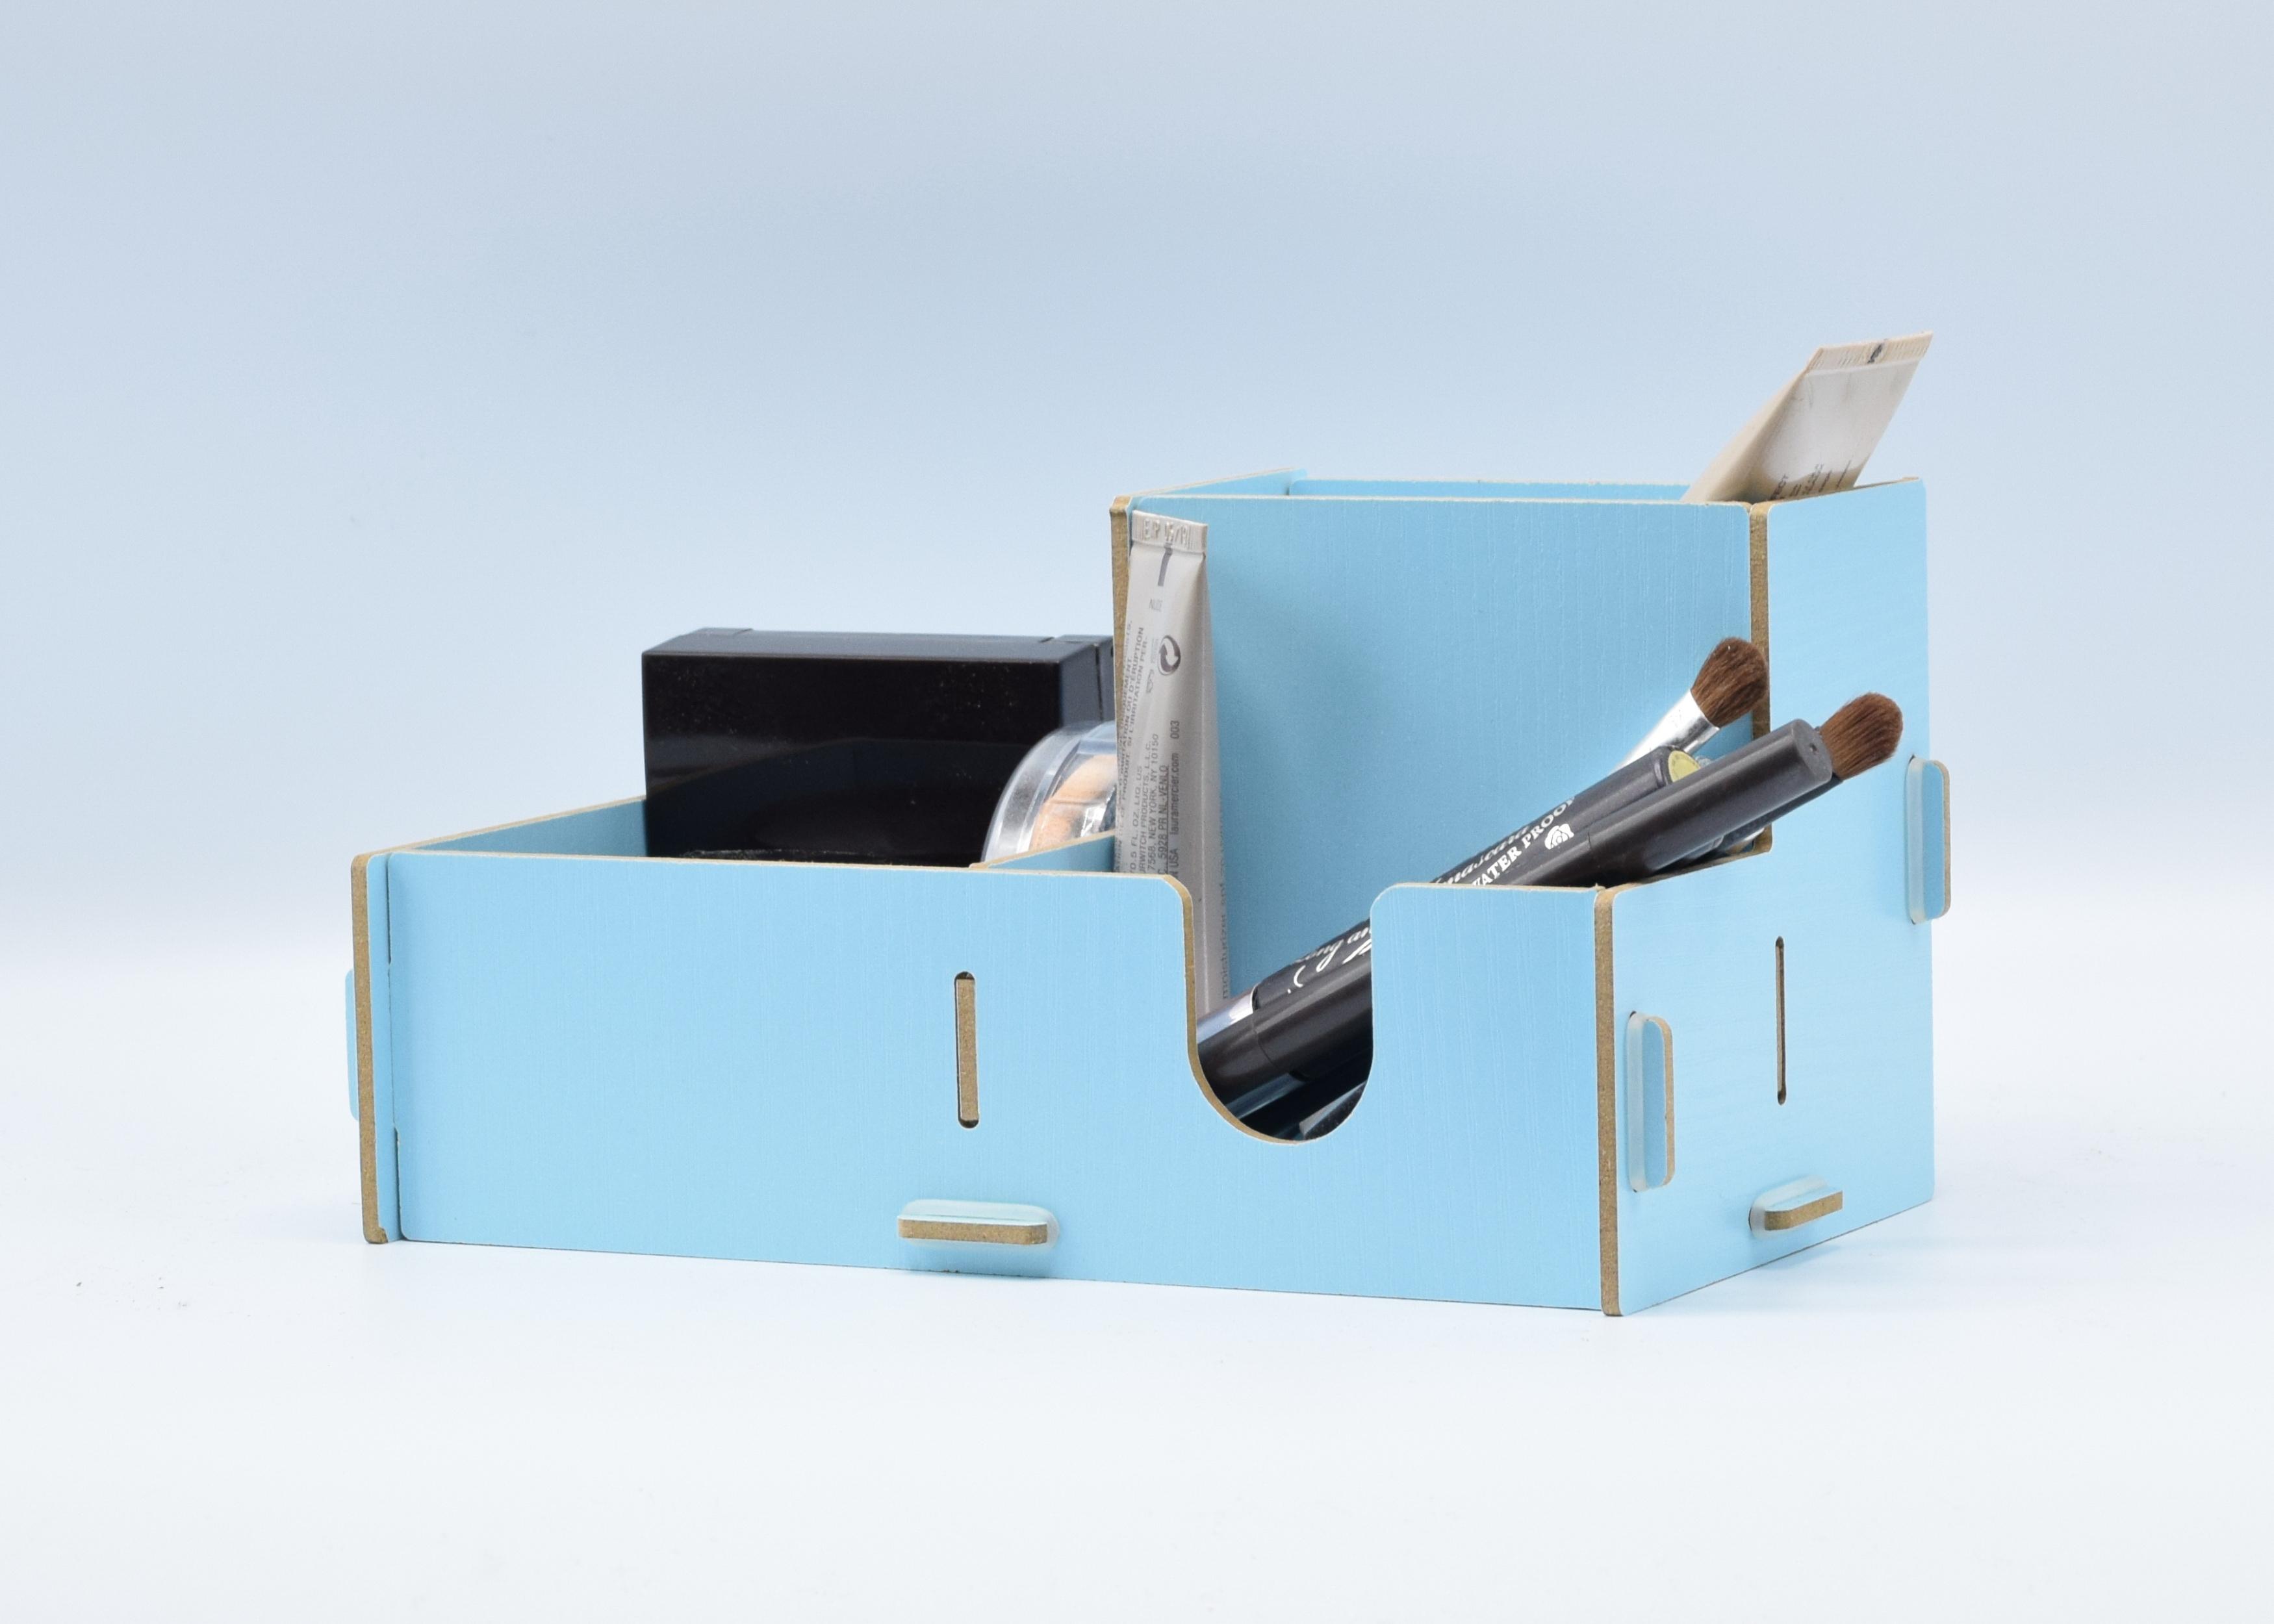 กล่องอเนกประสงค์ (9-0043)